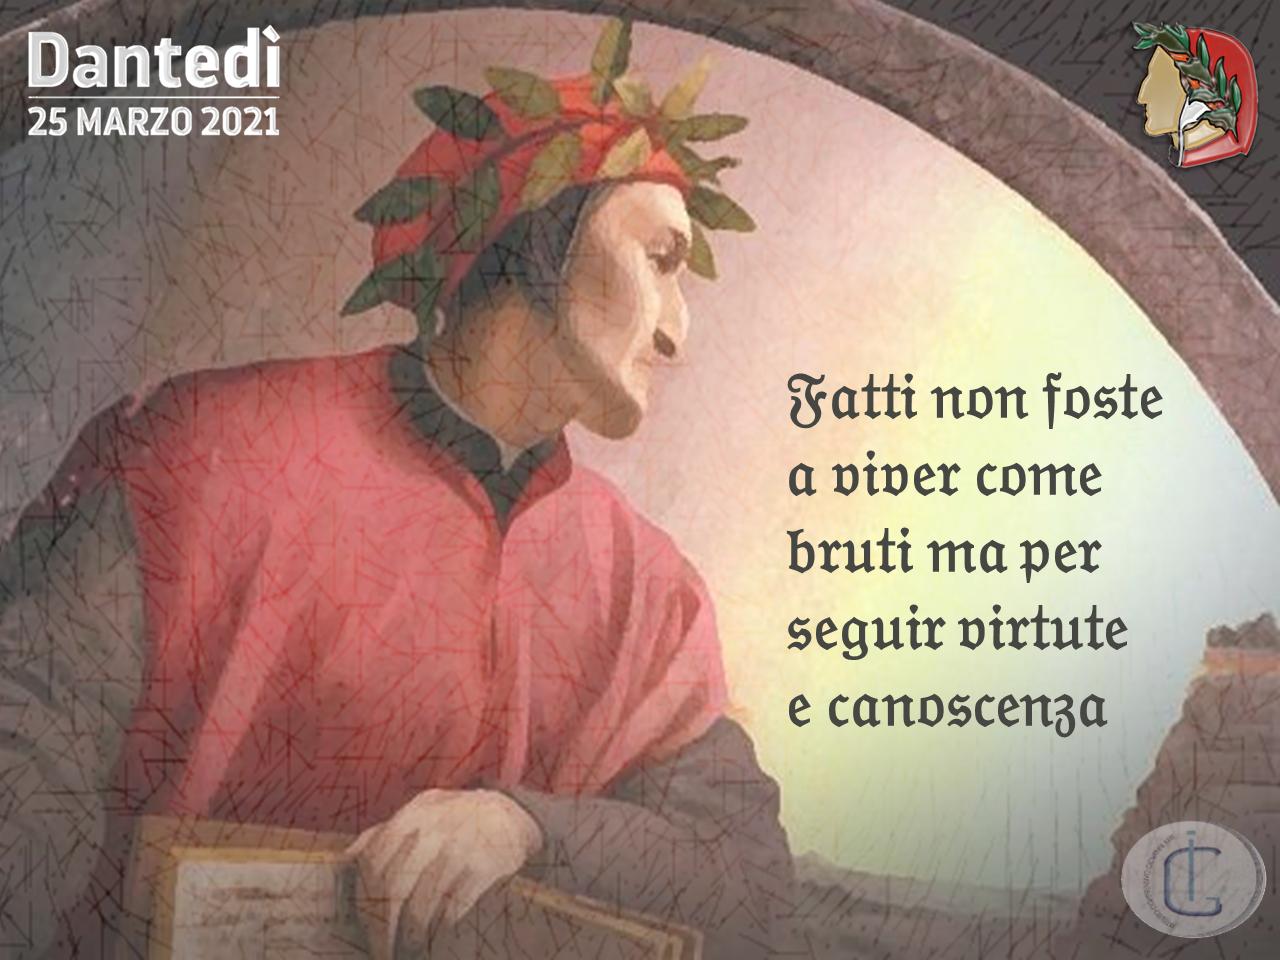 Dantedì - 25 Marzo 2021 - VII centenario della morte di Dante Alighieri